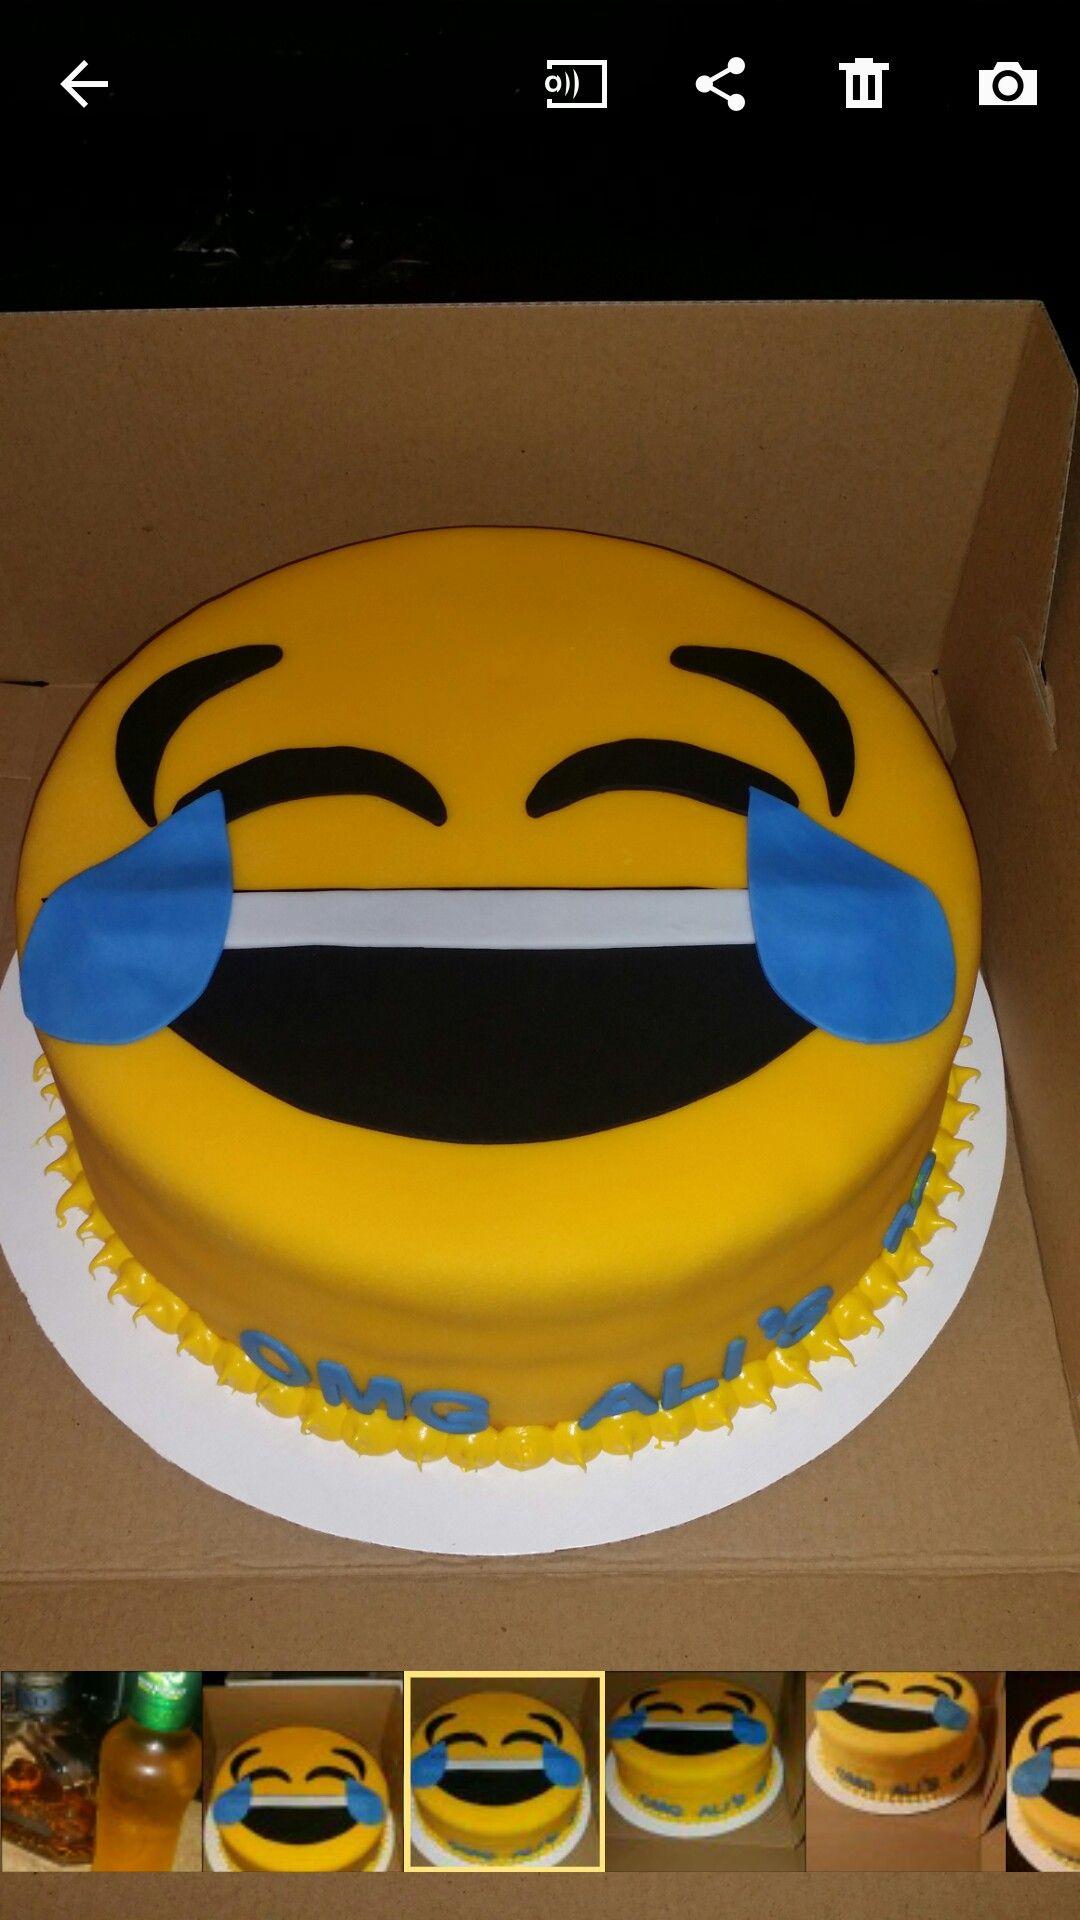 Emoji Cake By Me Cakes Emoji Cake Cake Birthday Cake